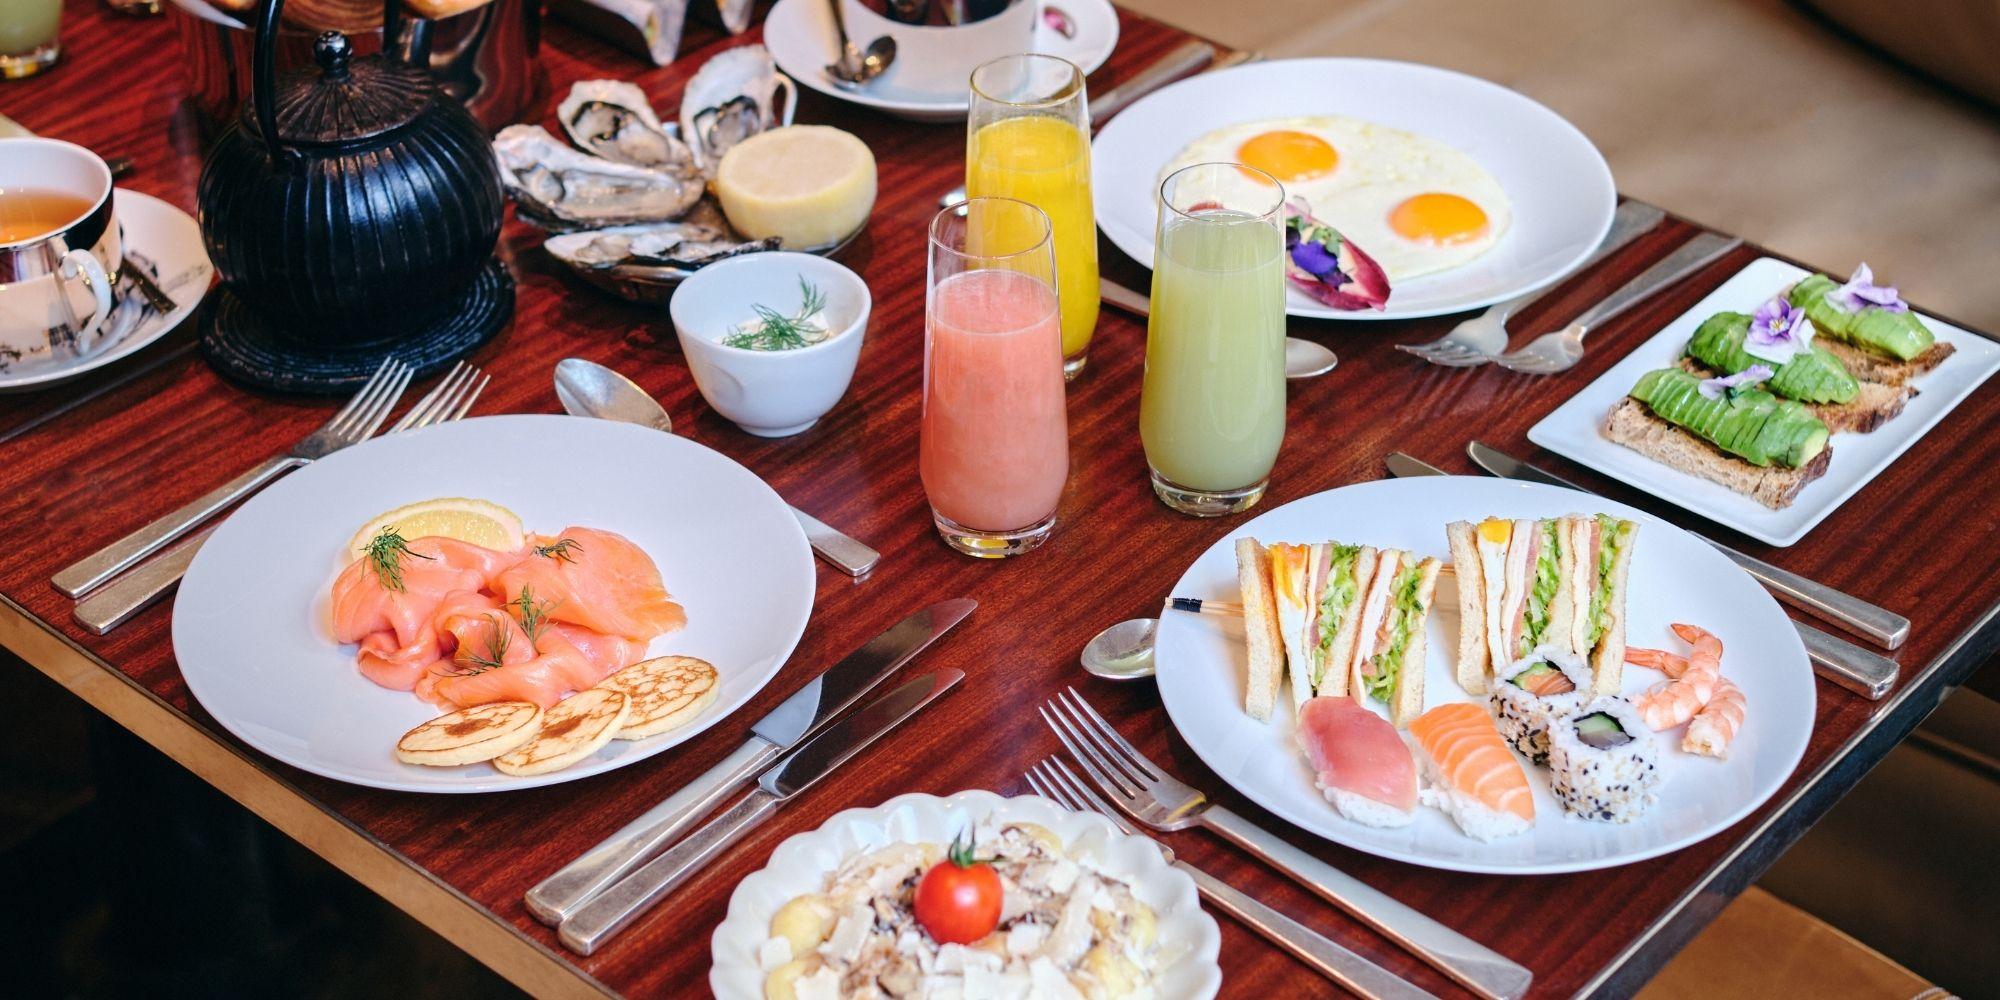 Brunch Royal Monceau Raffles La Cuisine (75008 Paris 8ème)